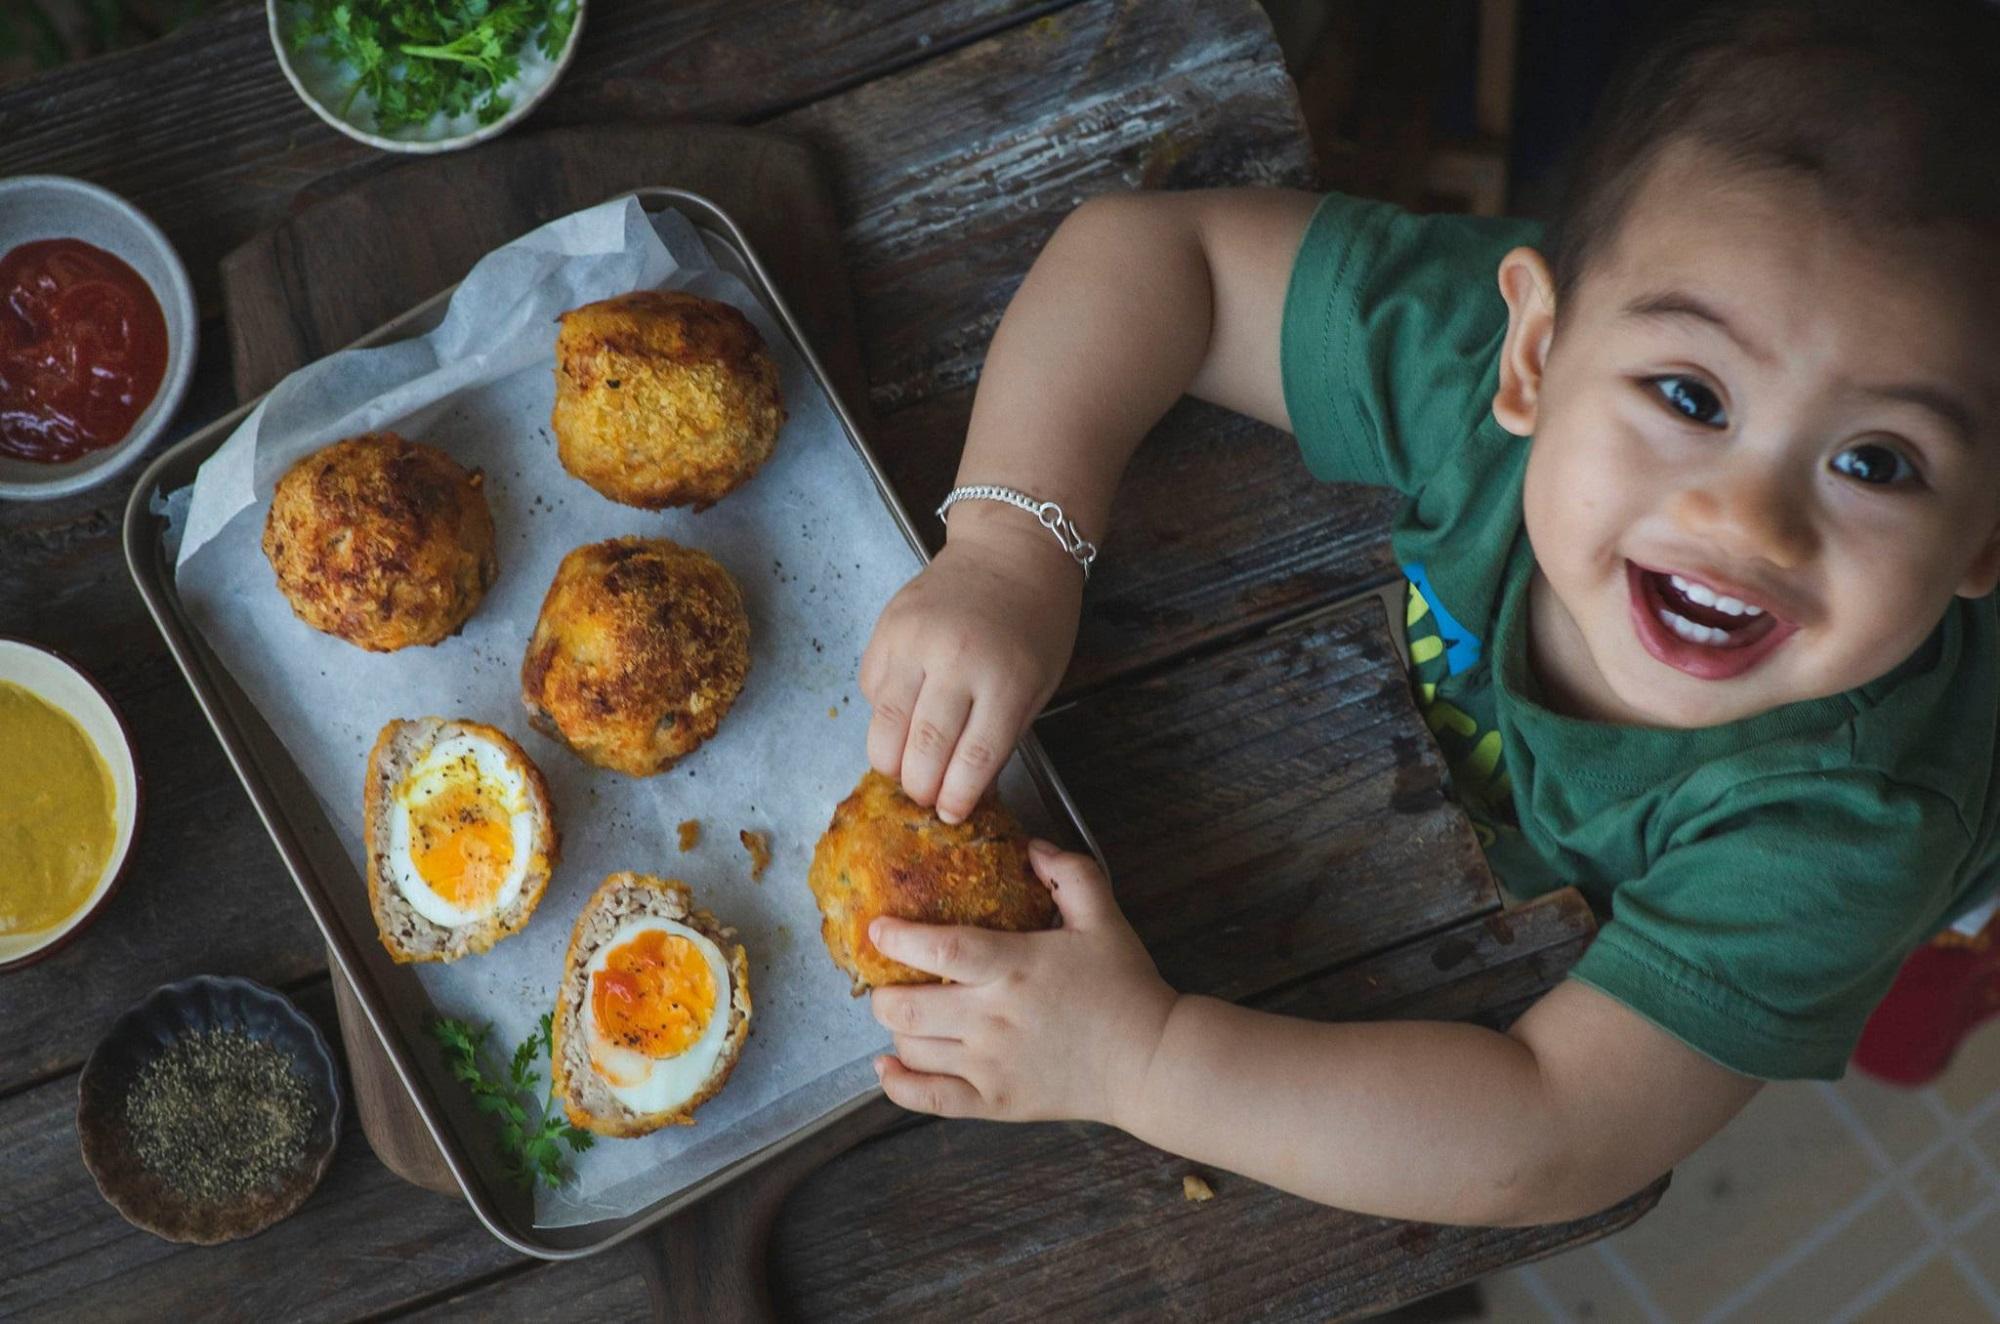 Bắt 'trend' làm mau món 'trứng dã ngoại': Béo tròn núc ních, bên ngoài giòn rụm, bên trong ngọt mềm, ăn cơm ăn chơi đều xuất sắc - Ảnh 9